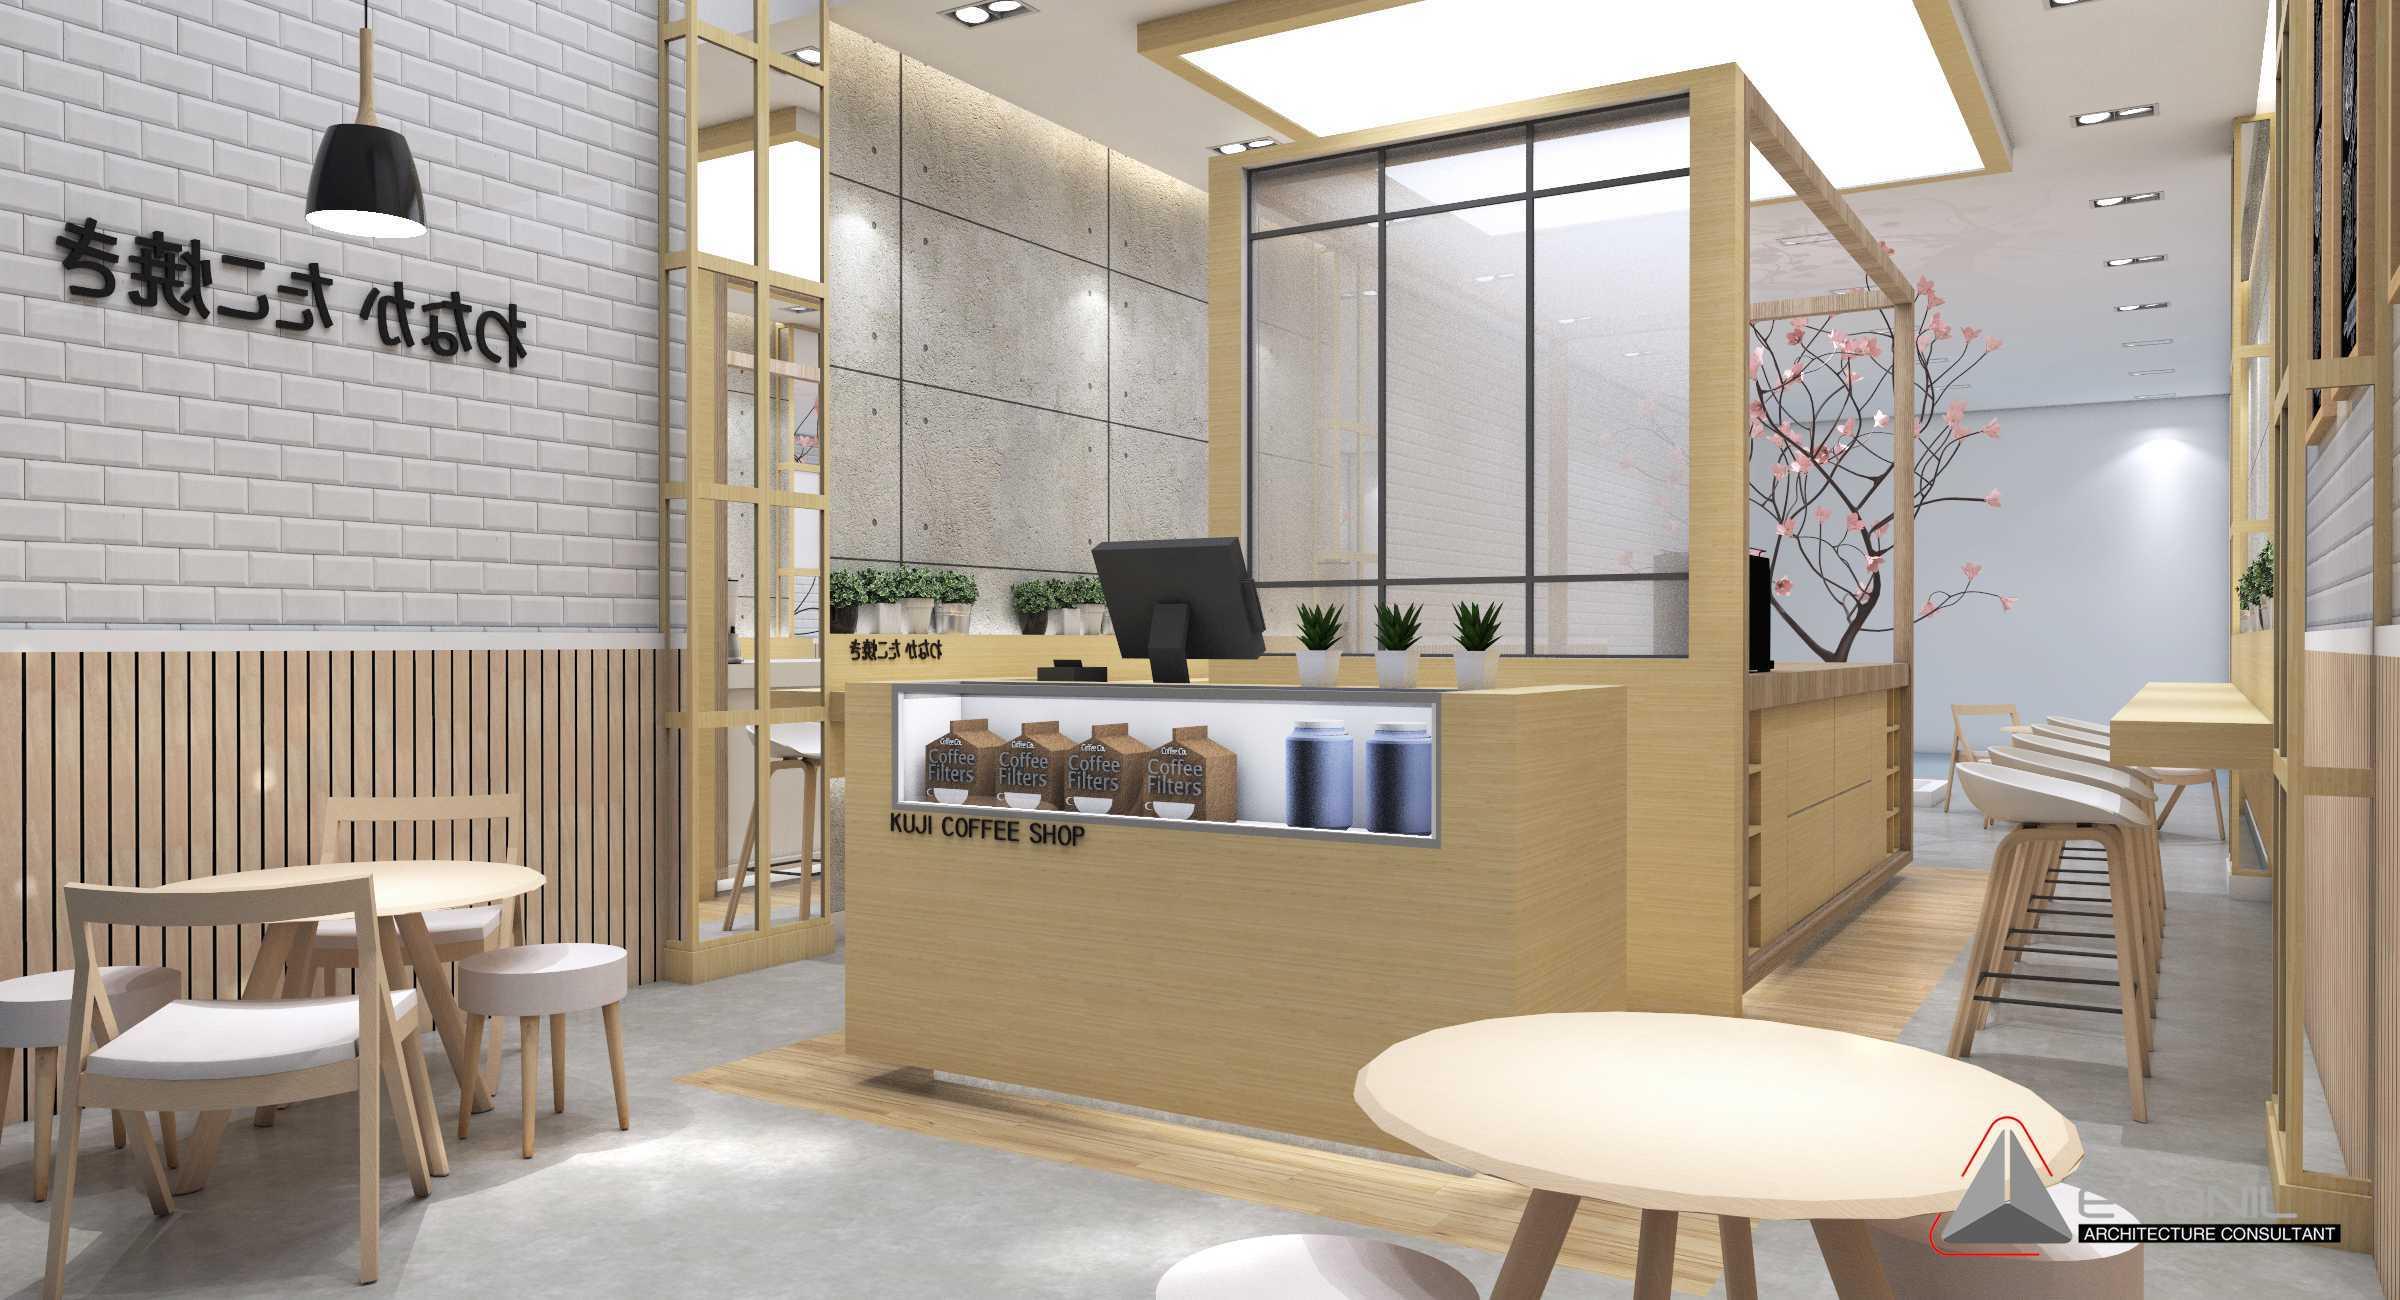 Evonil Architecture Coffee Shop - Pantai Indah Kapuk Jakarta, Daerah Khusus Ibukota Jakarta, Indonesia Jakarta, Daerah Khusus Ibukota Jakarta, Indonesia Evonil-Architecture-Coffee-Shop-Pantai-Indah-Kapuk   77972